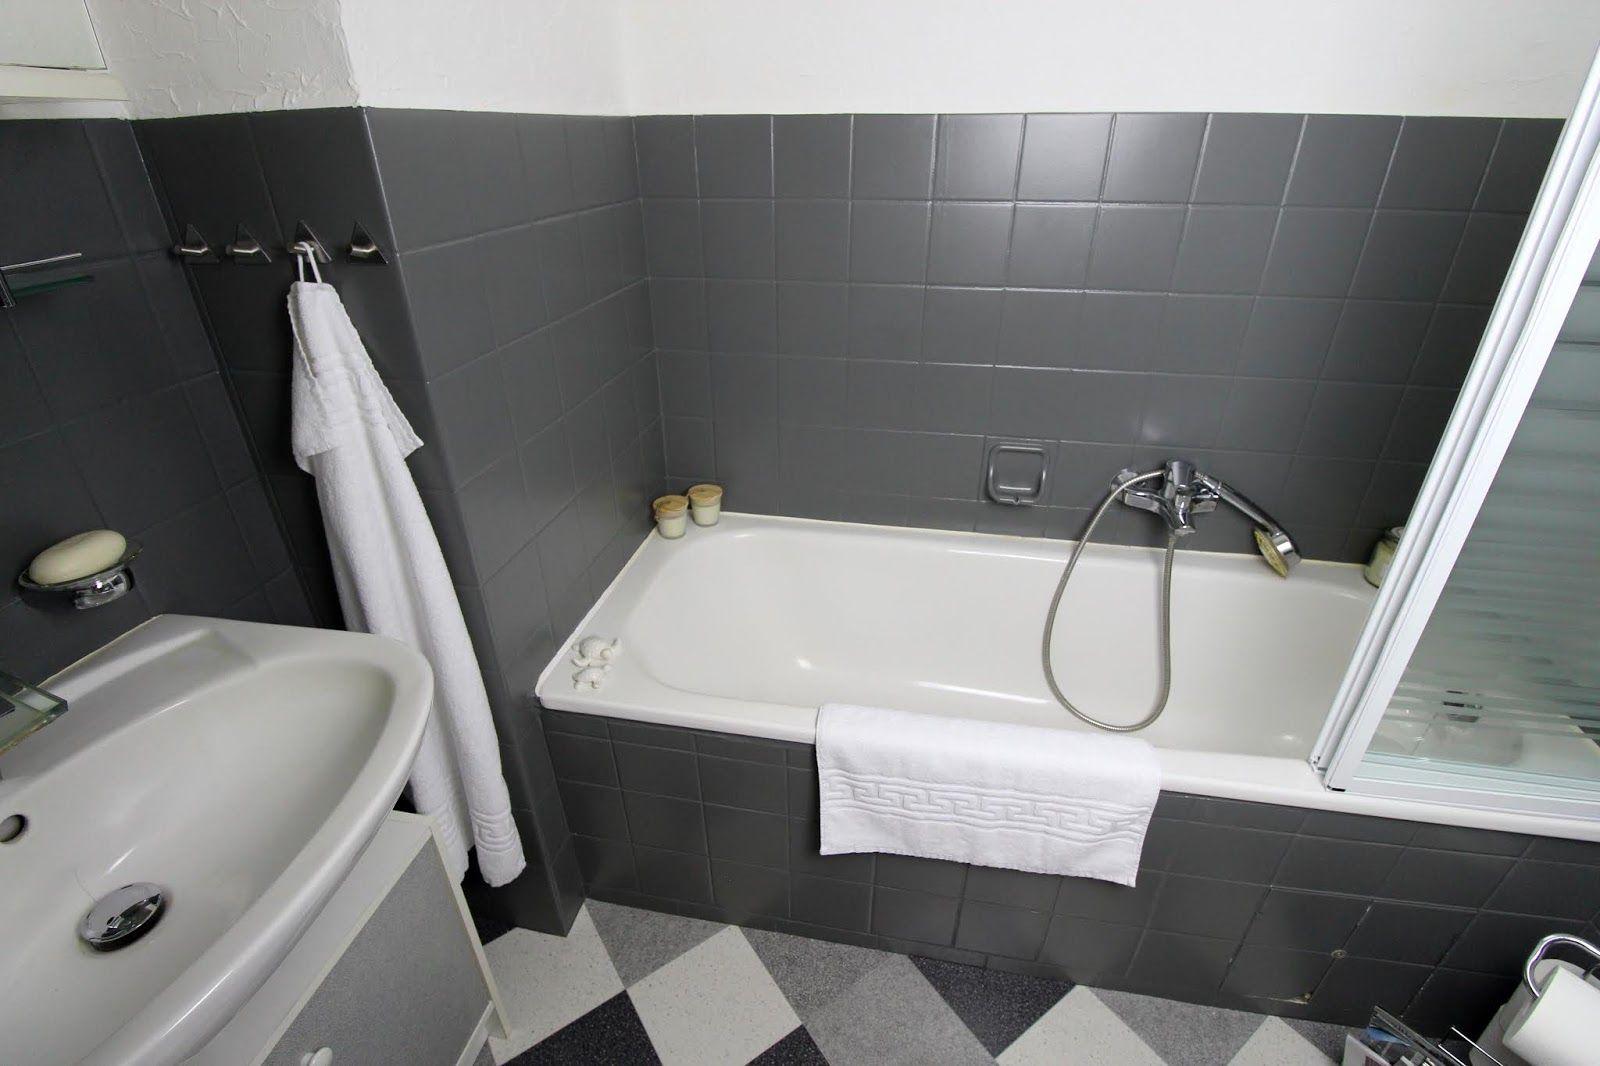 Diy Badezimmer Streichen Und Renovieren Mit Fliesenfarbe Badezimmer Streichen Badezimmer Badezimmer Rustikal